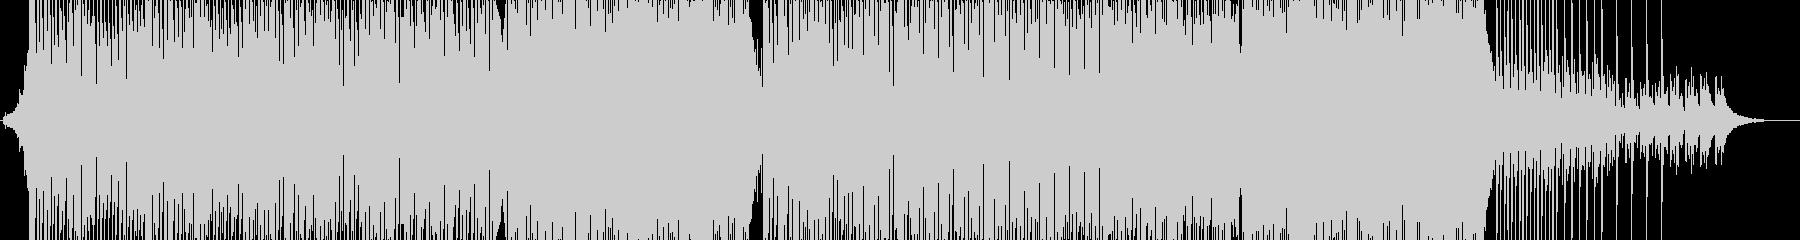 大空-爽やか-アコースティック-森-CMの未再生の波形